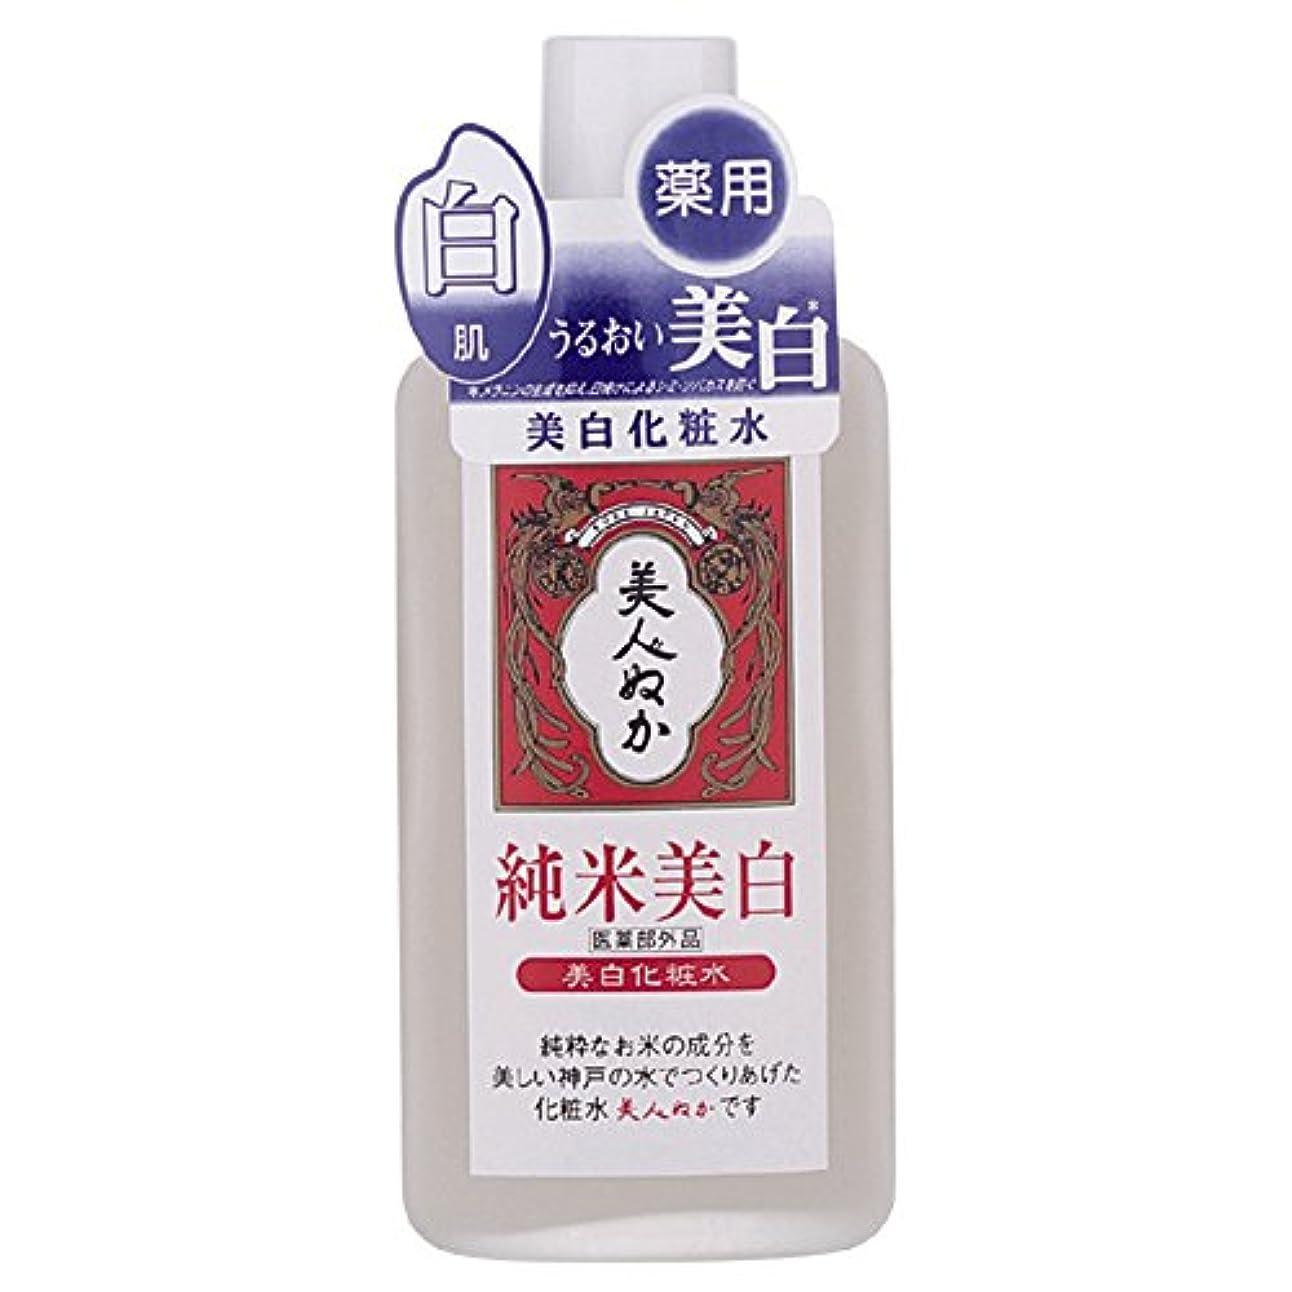 カーテン世辞サミット美人ぬか 純米美白化粧水 (医薬部外品) 130mL